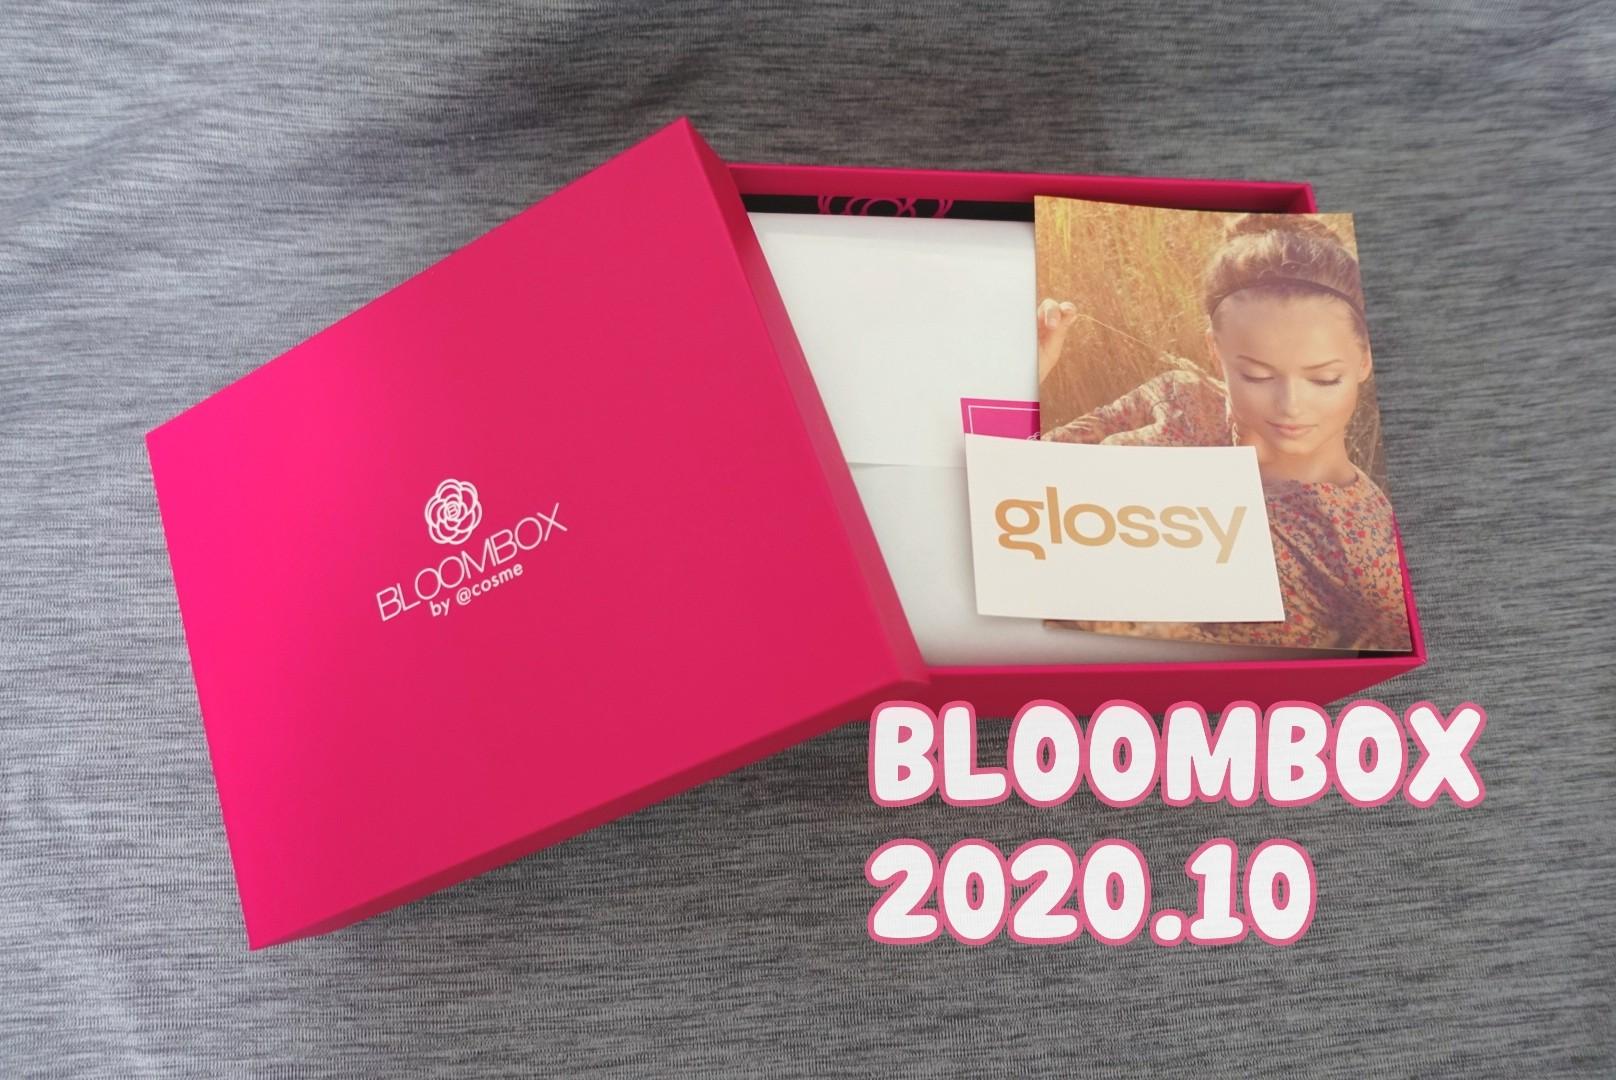 BLOOMBOX 2020年10月 中身公開【発売前の新作現品にデパコススキンケア】